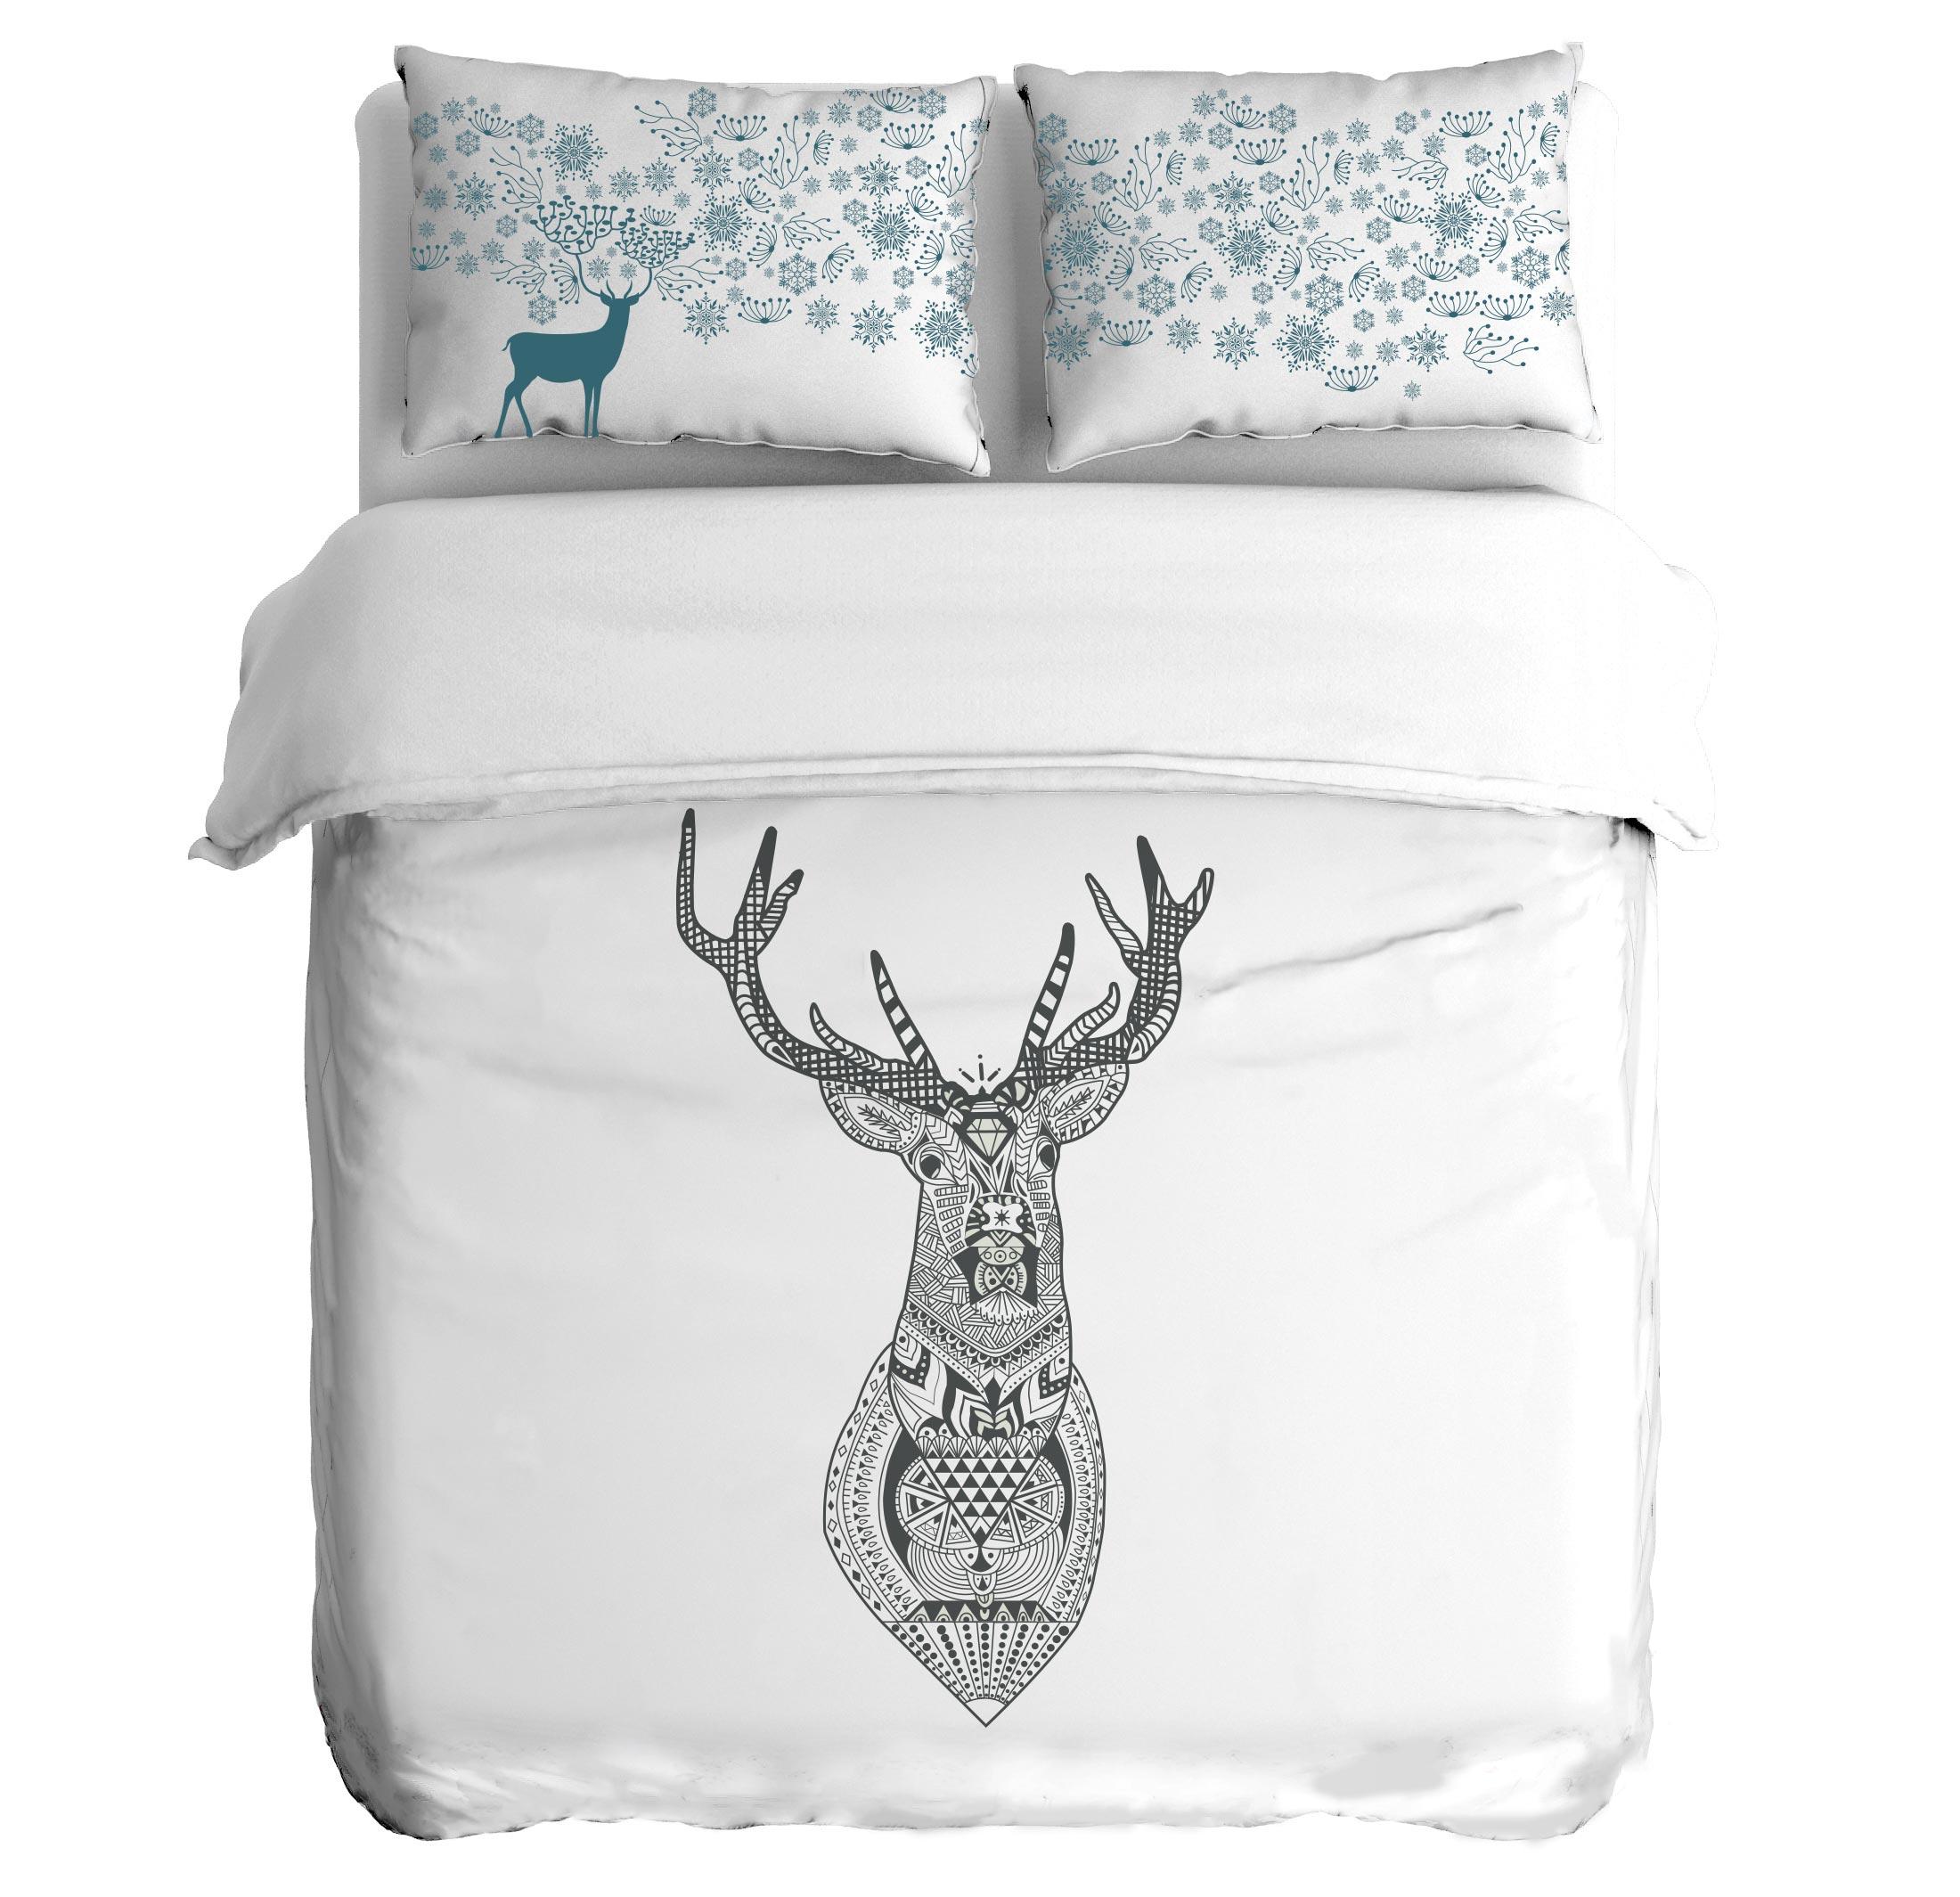 Постельное белье Peach Постельное белье Reindeer (2 сп. евро) постельное белье мартекс постельное белье микрофибра 3d евро ангара 3369